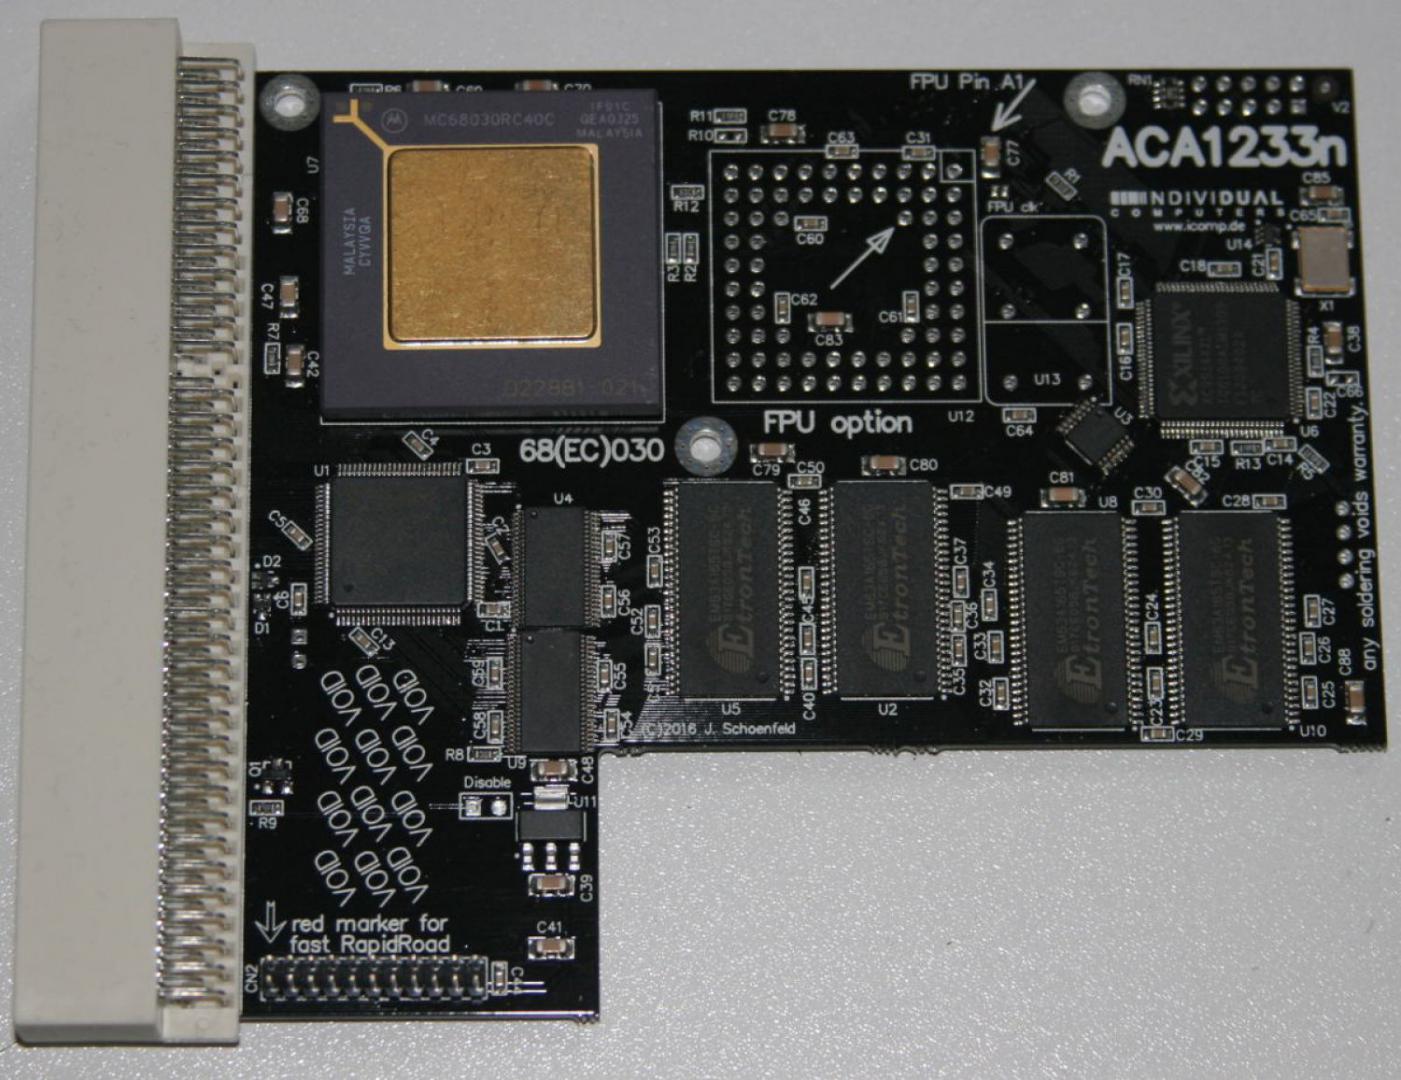 Klikněte na obrázek pro zobrazení větší verze  Název: aca1233n-40_production_unit-b2c01165.jpg Zobrazeno: 44 Velikost: 191,4 KB ID: 9623